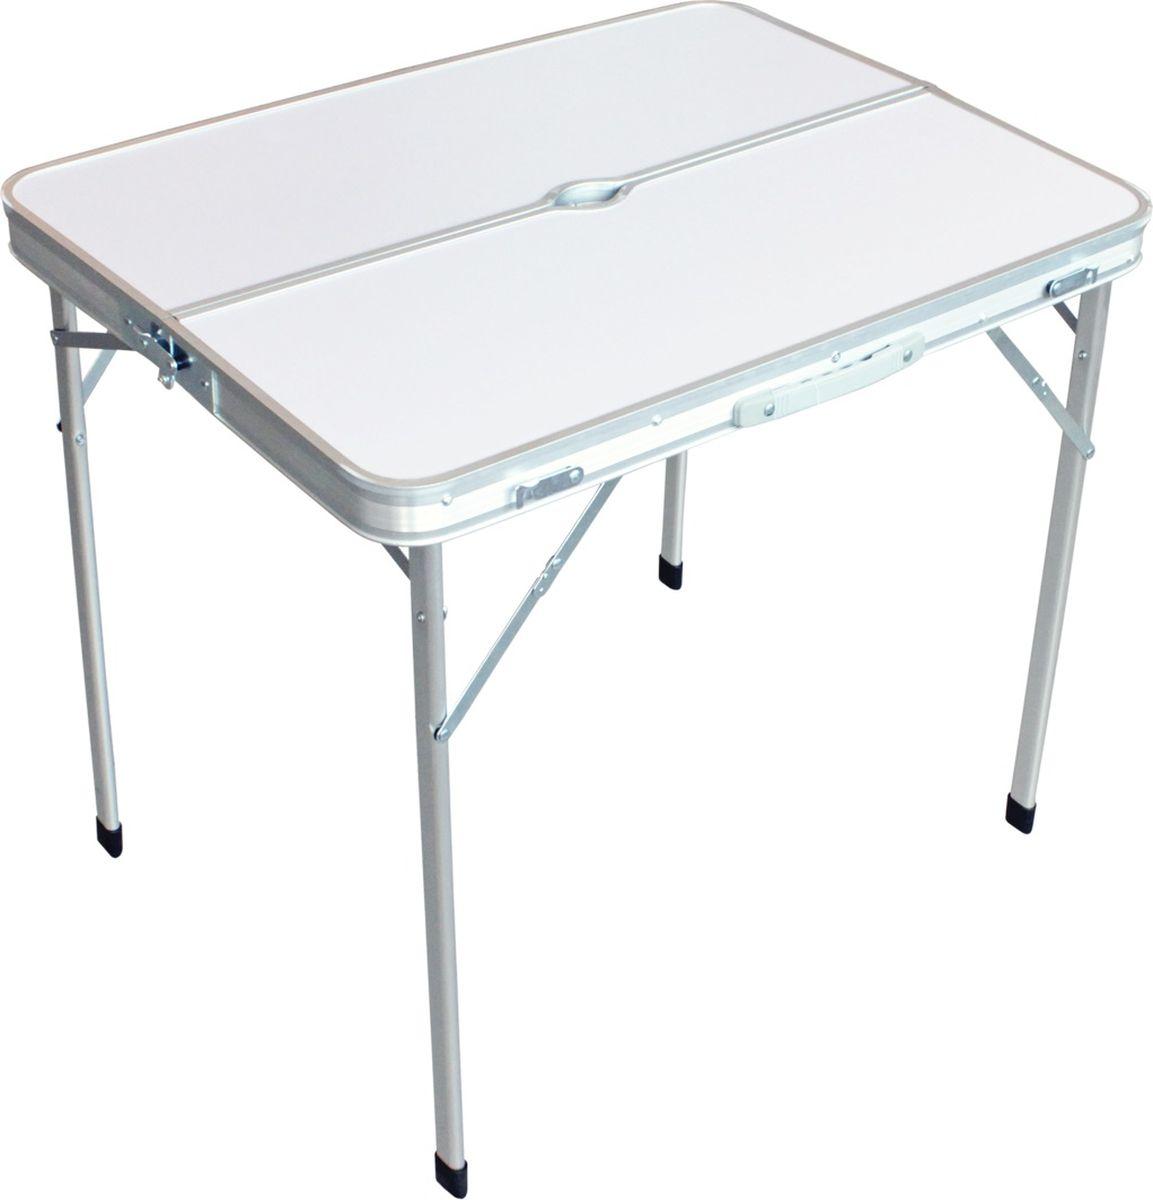 Стол складной Woodland Picnic Table Luxe, цвет: белый, 80 x 60 x 67 см49682Стол складной Woodland Picnic Table Luxe с отверстием под зонт выполнен из алюминия и МДФ. Компактная складная конструкция. Прочный алюминиевый каркас. Материал столешницы - МДФ. Удобная ручка для переноски. Максимально допустимая нагрузка 30 кг.